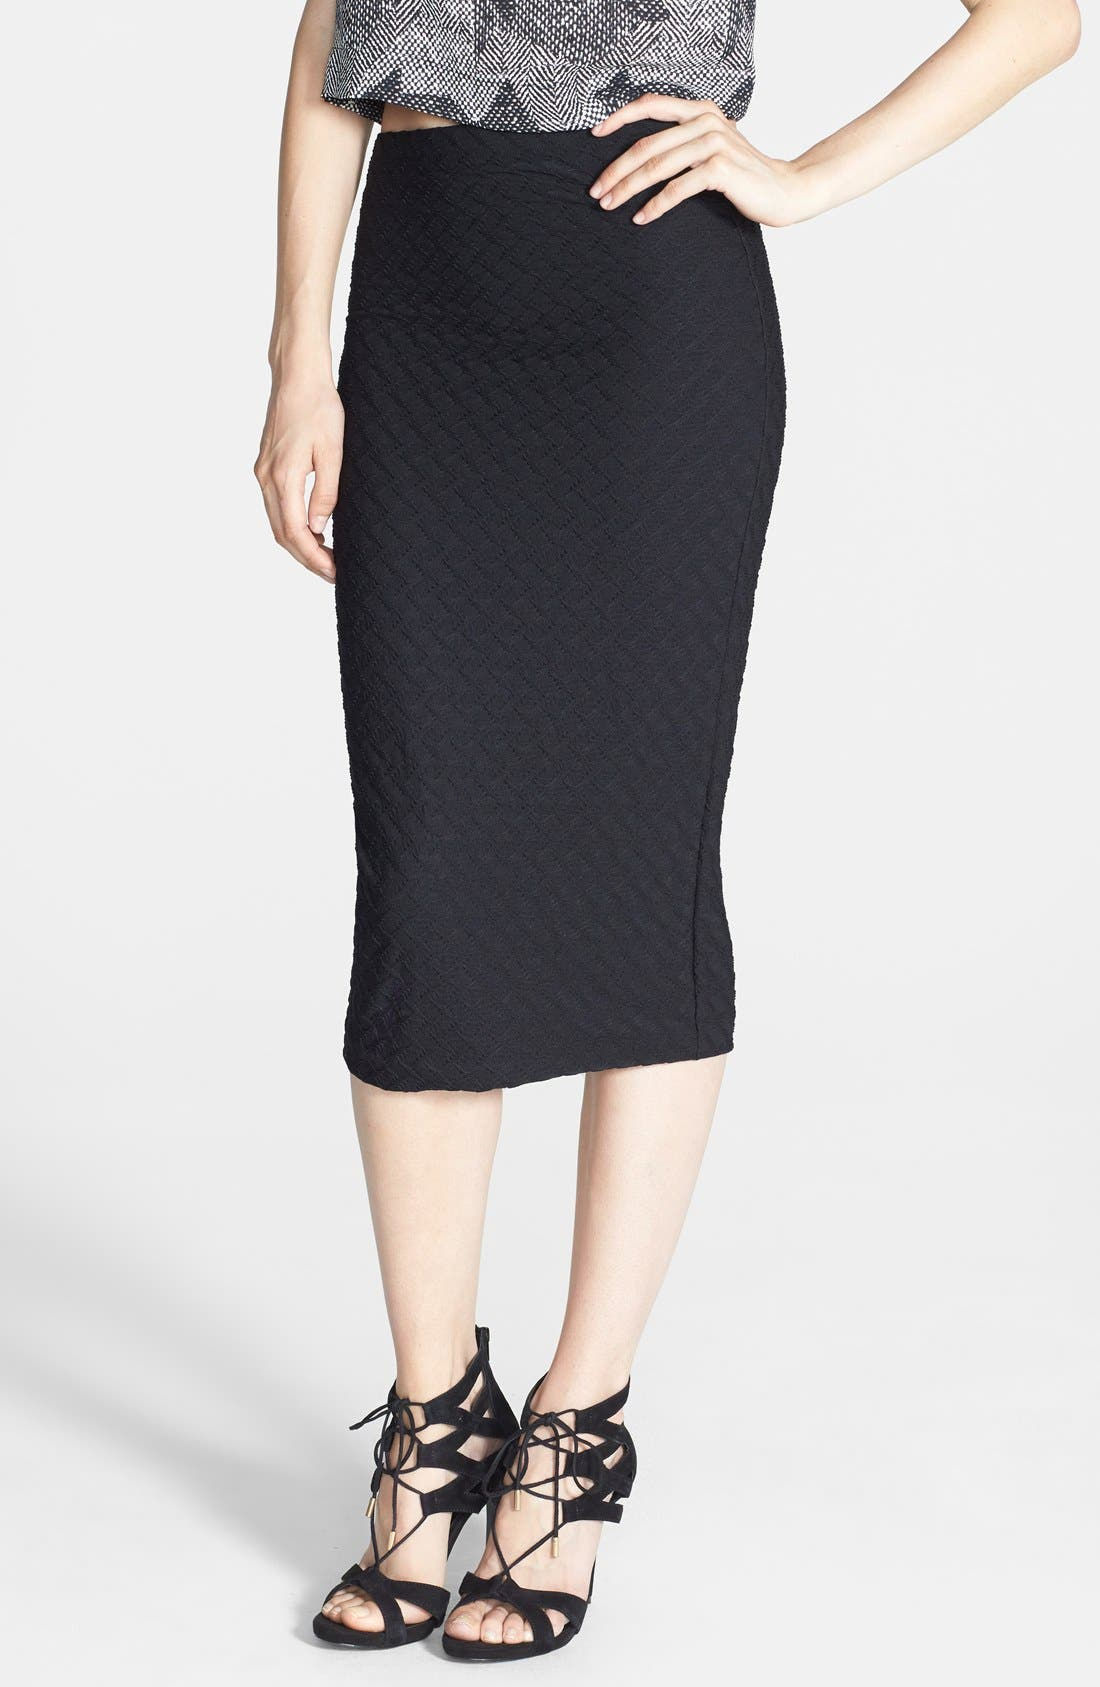 Main Image - Tildon Textured Knit Tube Skirt